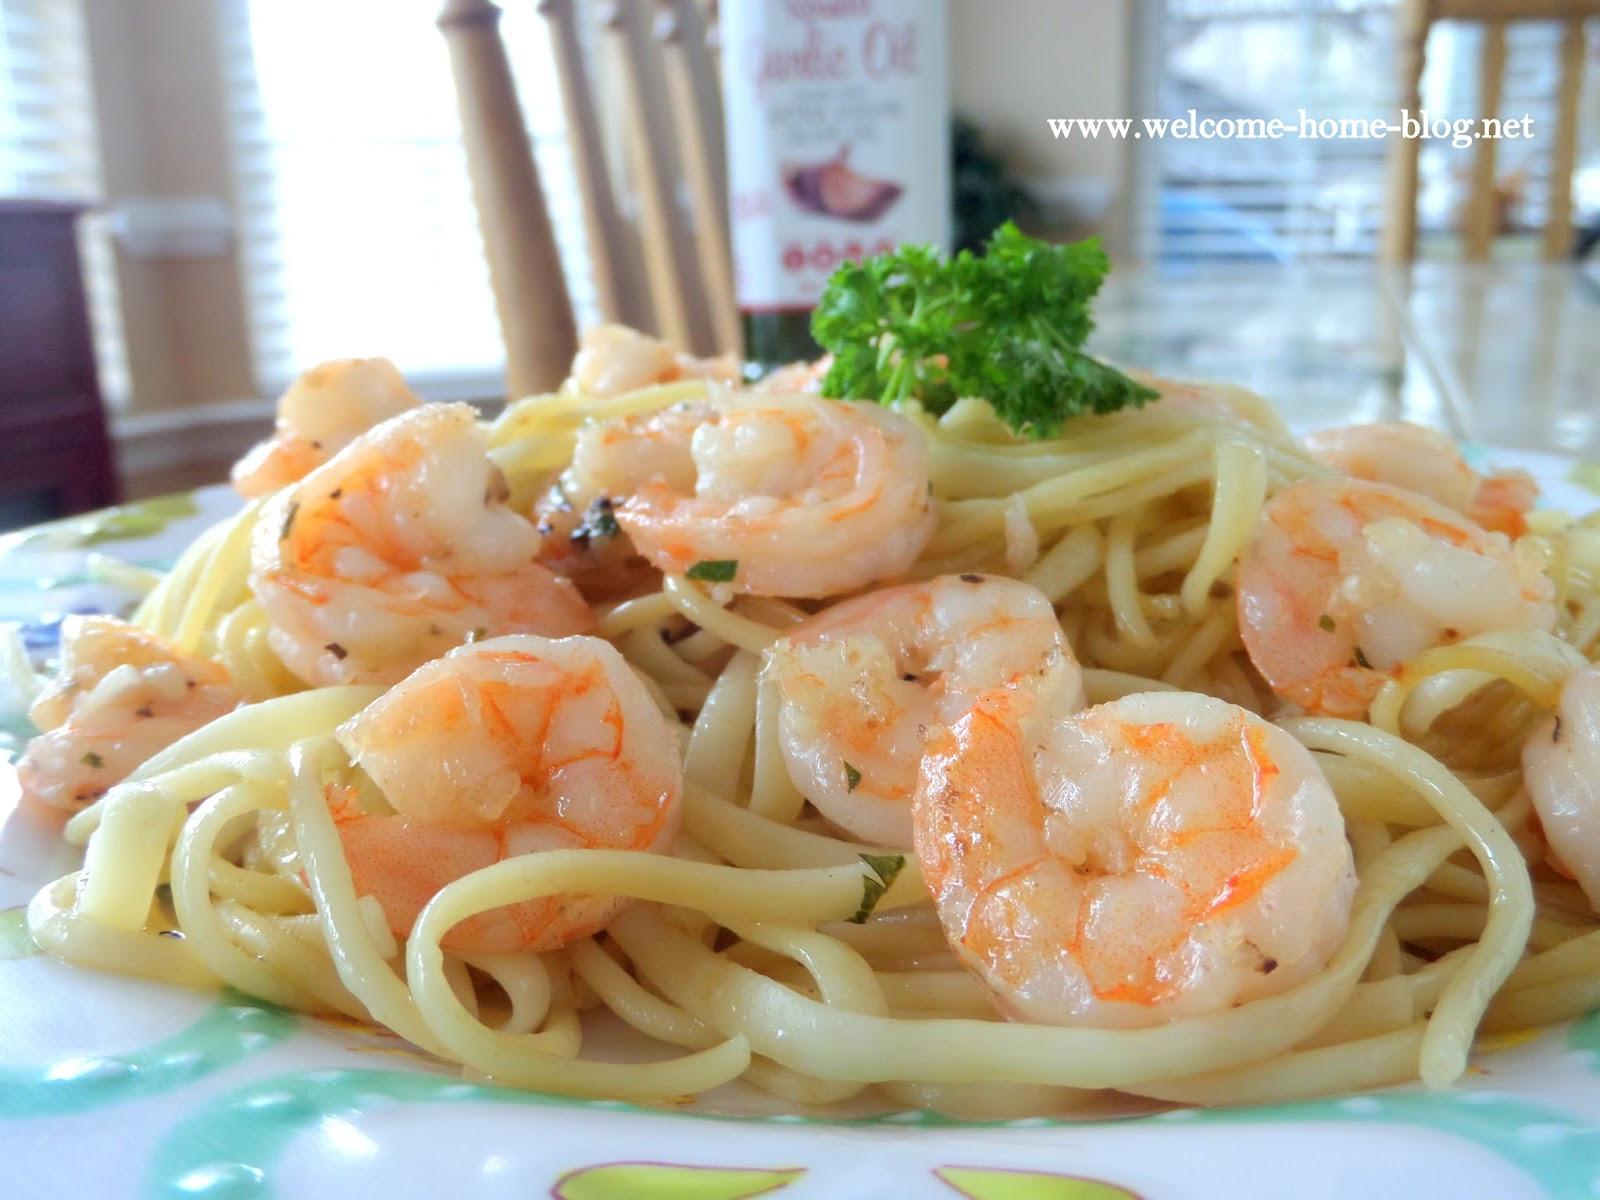 Shrimp Scampi Pasta  Wel e Home Blog Shrimp Scampi Over Pasta